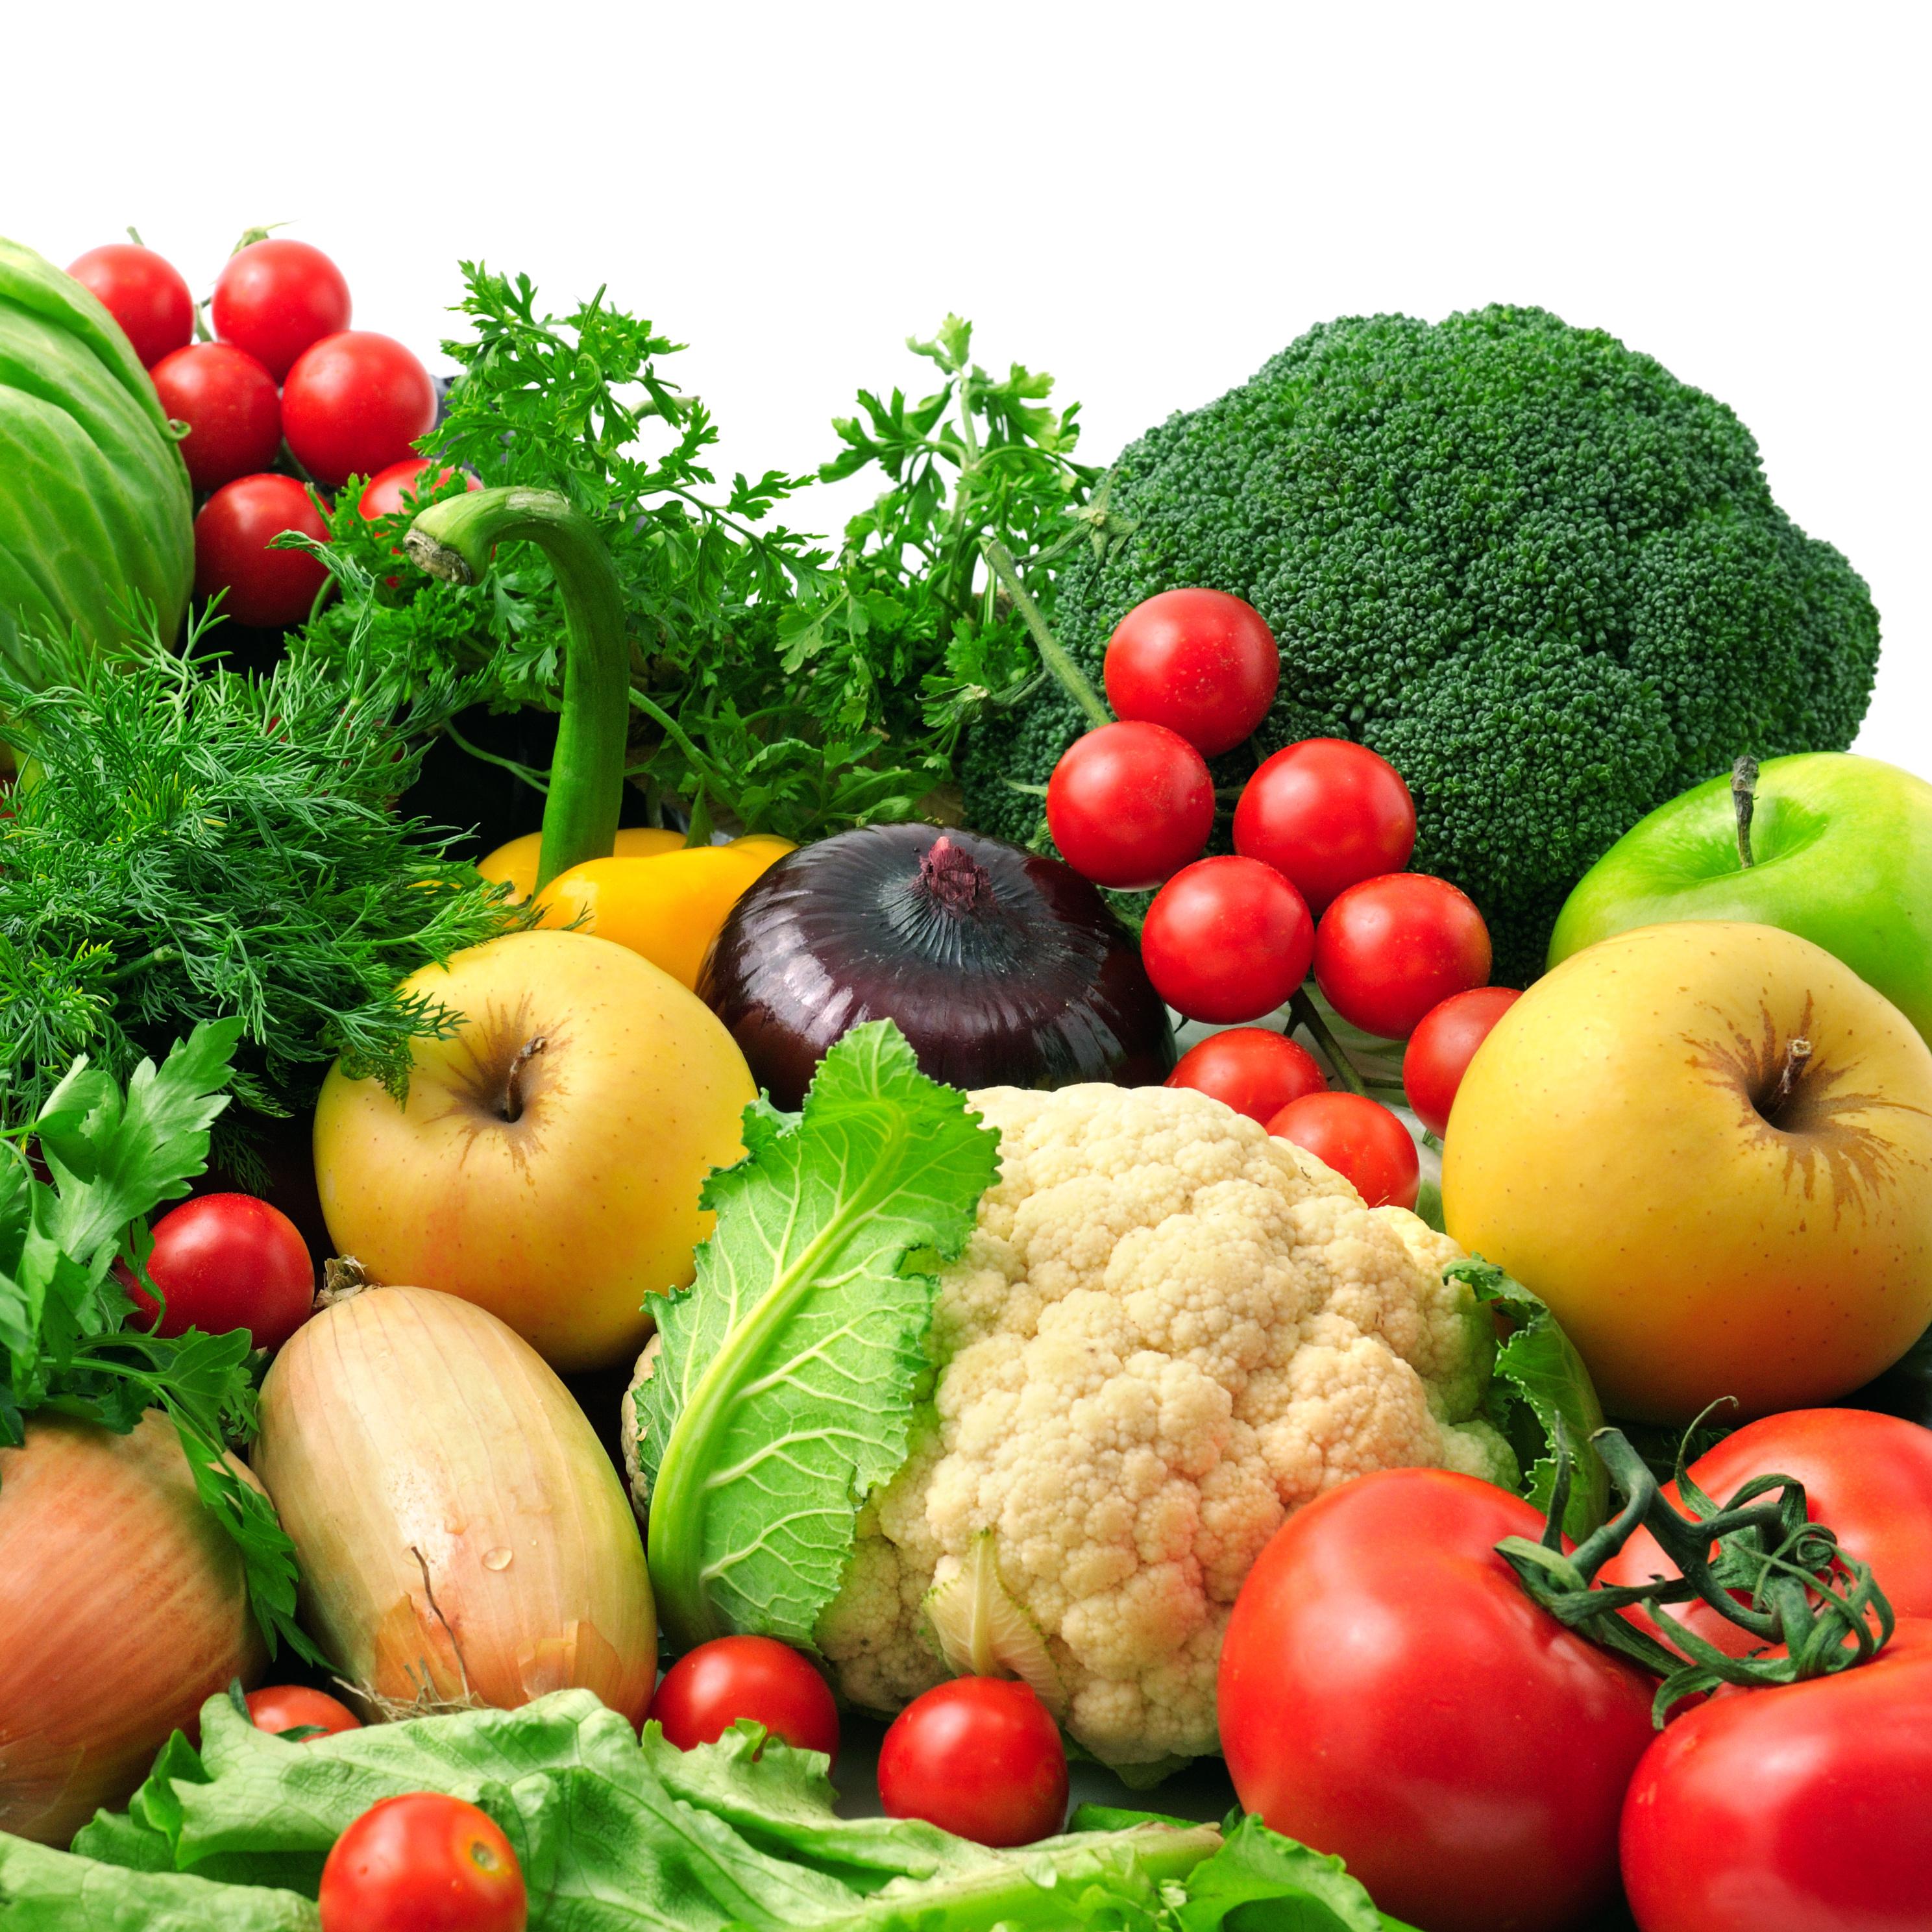 Fruit___vegs_assortment.jpg